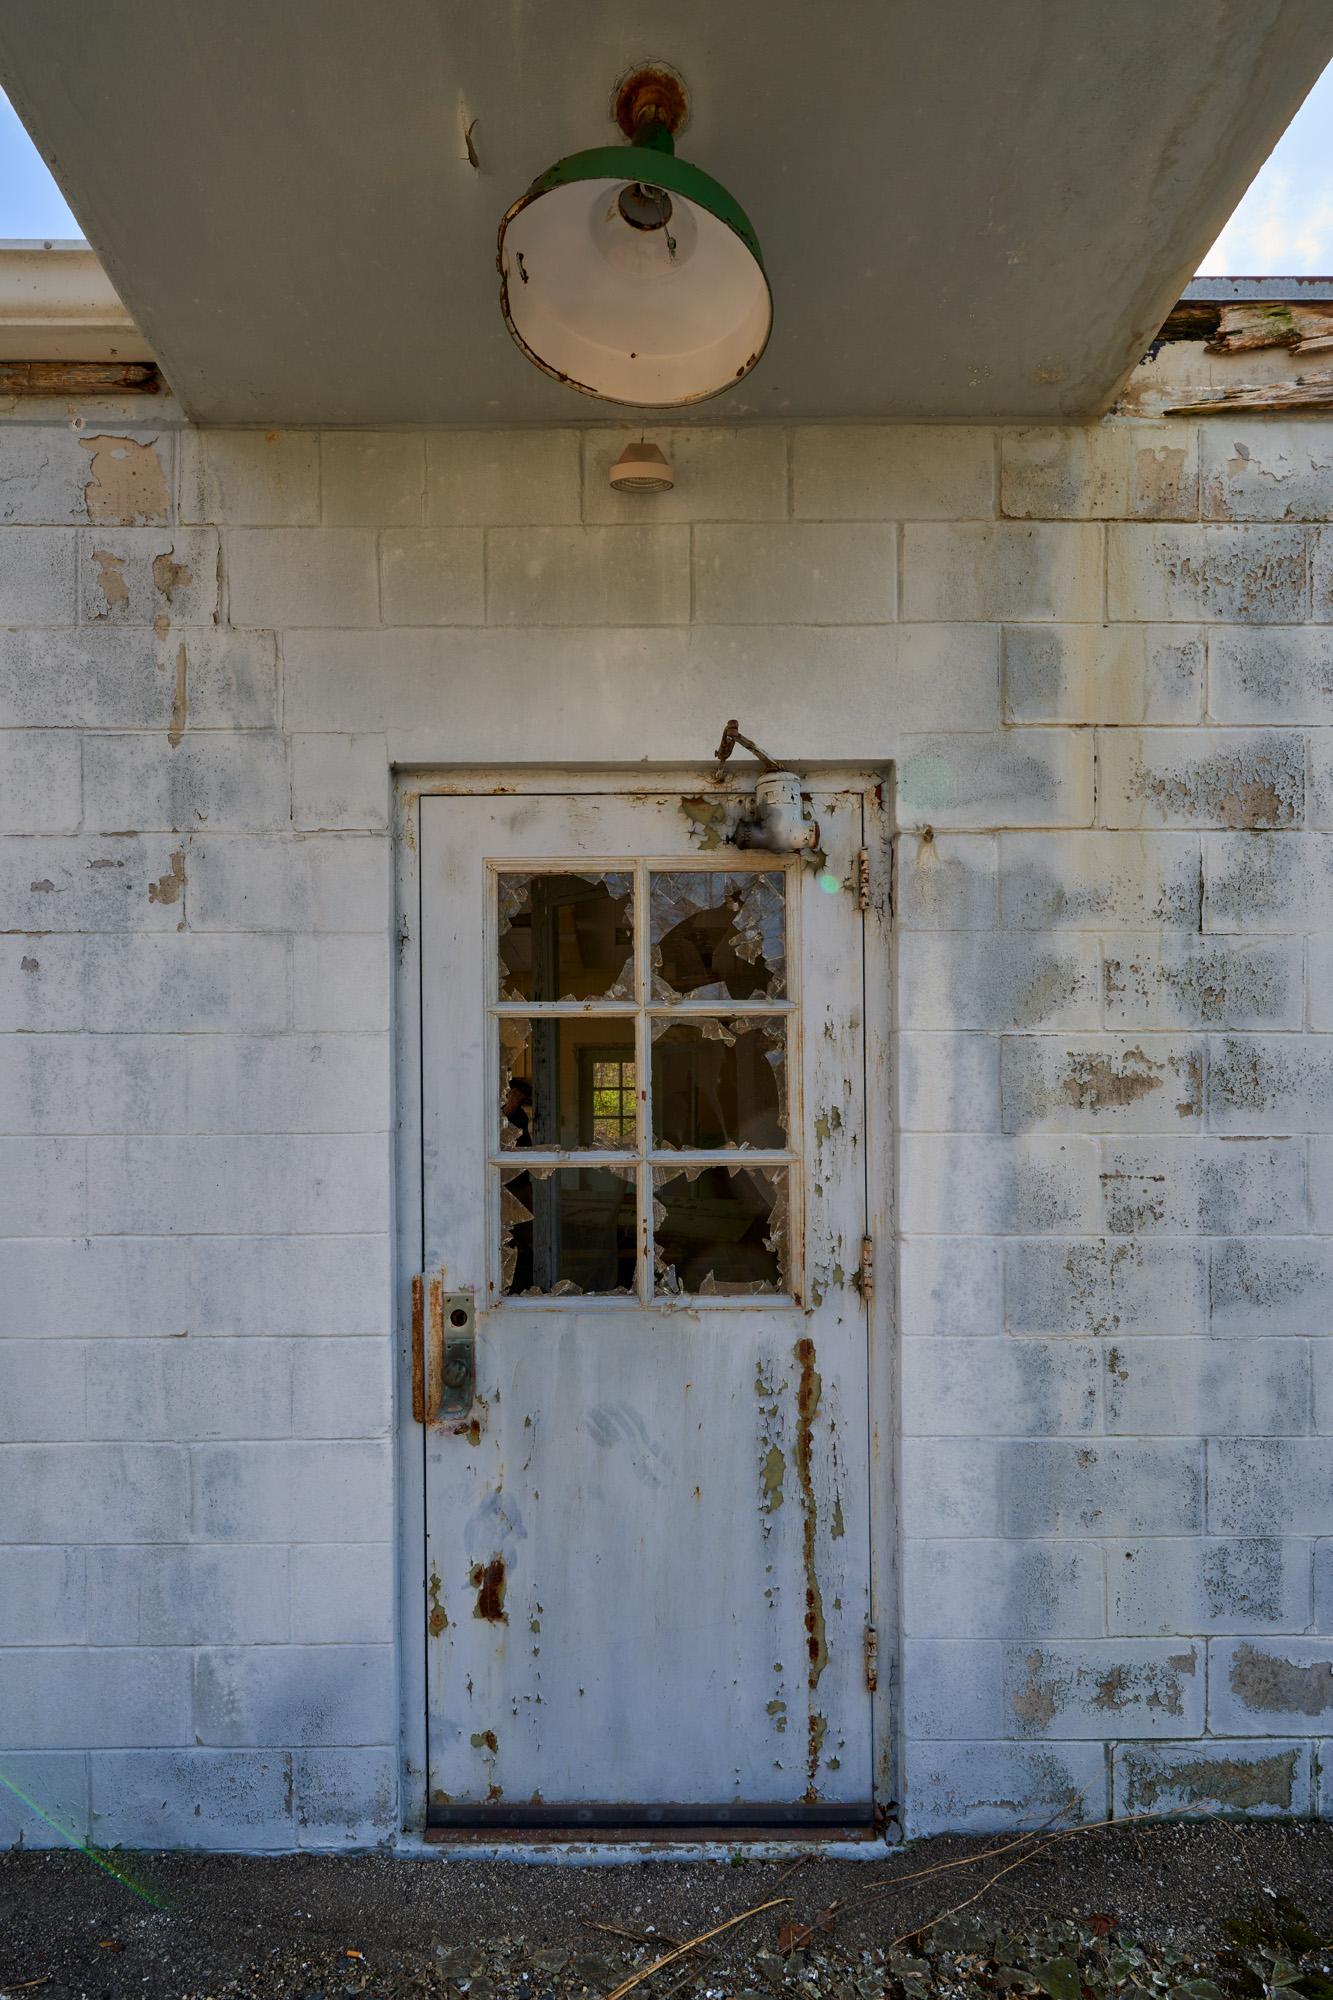 The door to the machine shop